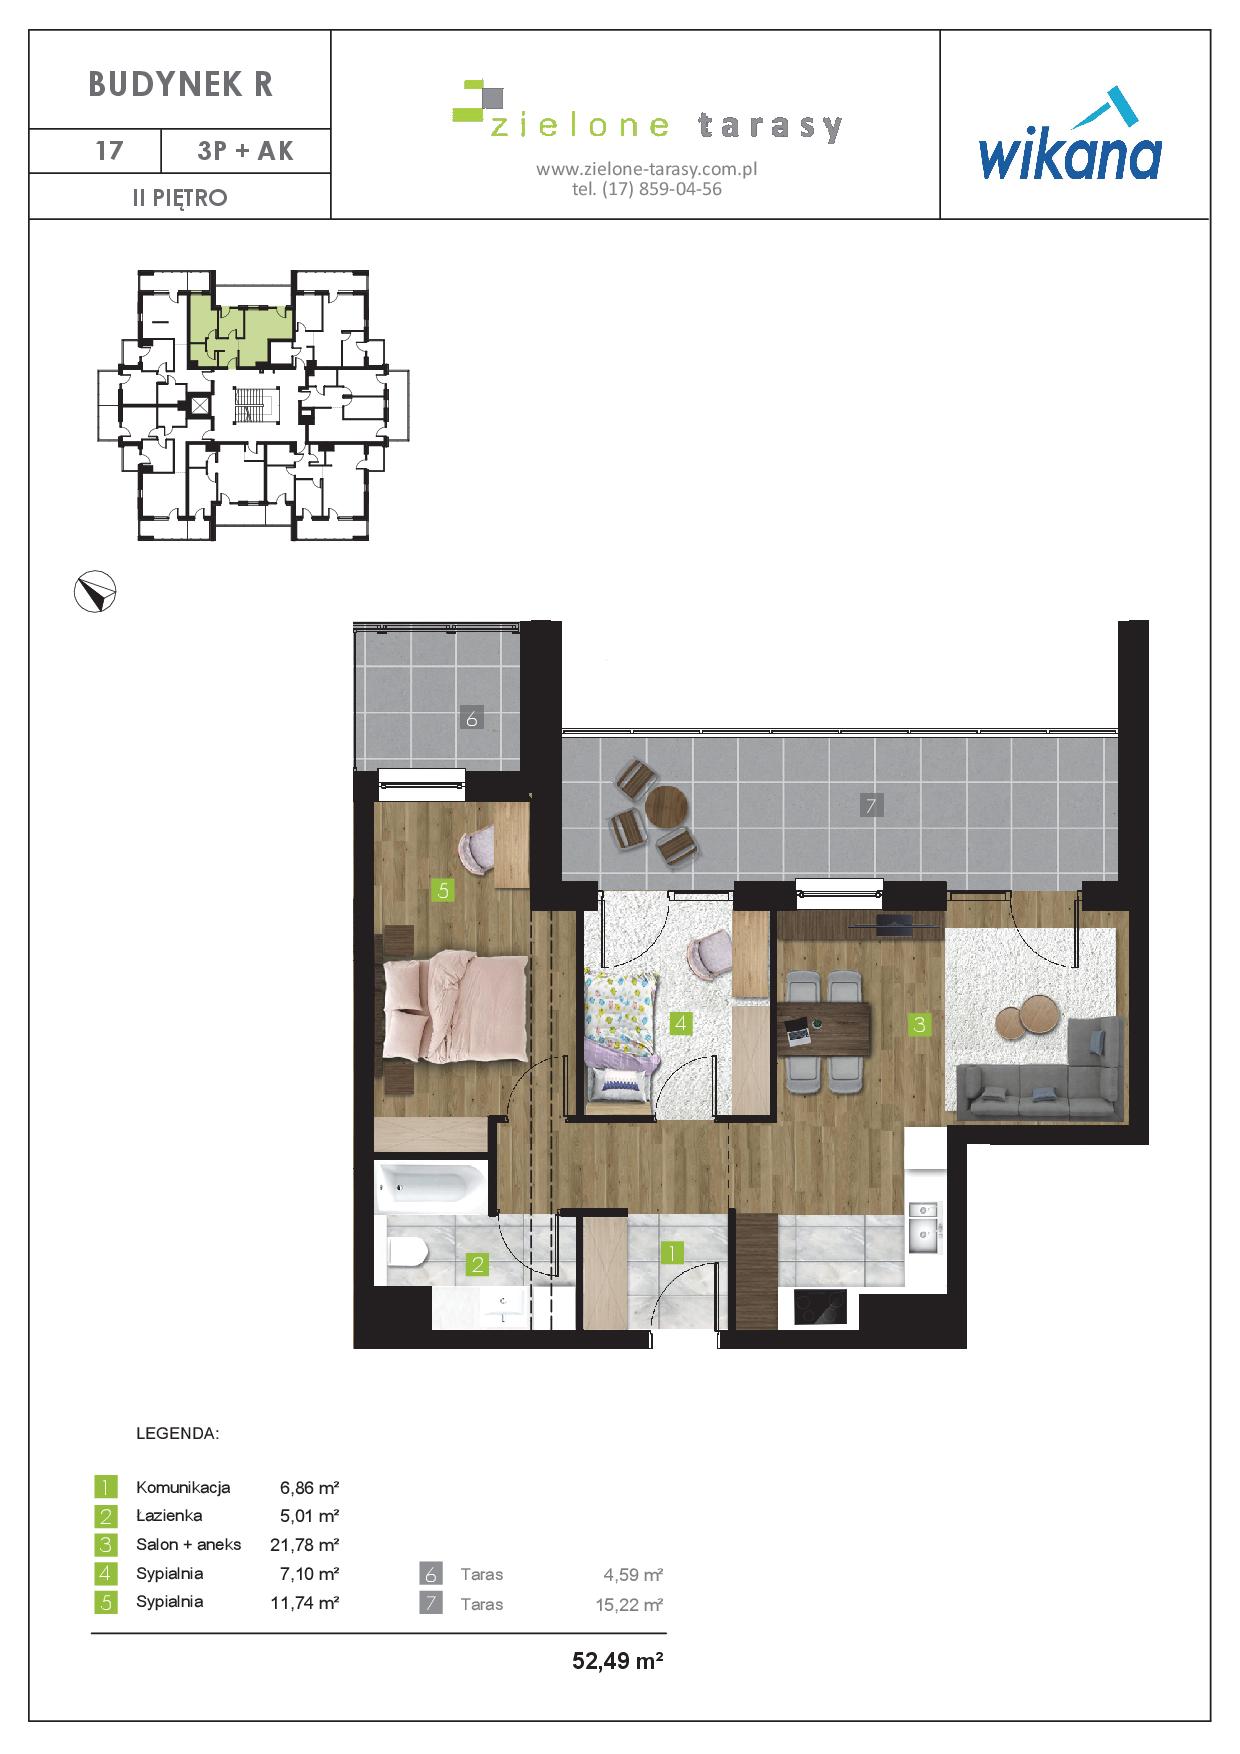 sprzedaż mieszkań rzeszów - R-17